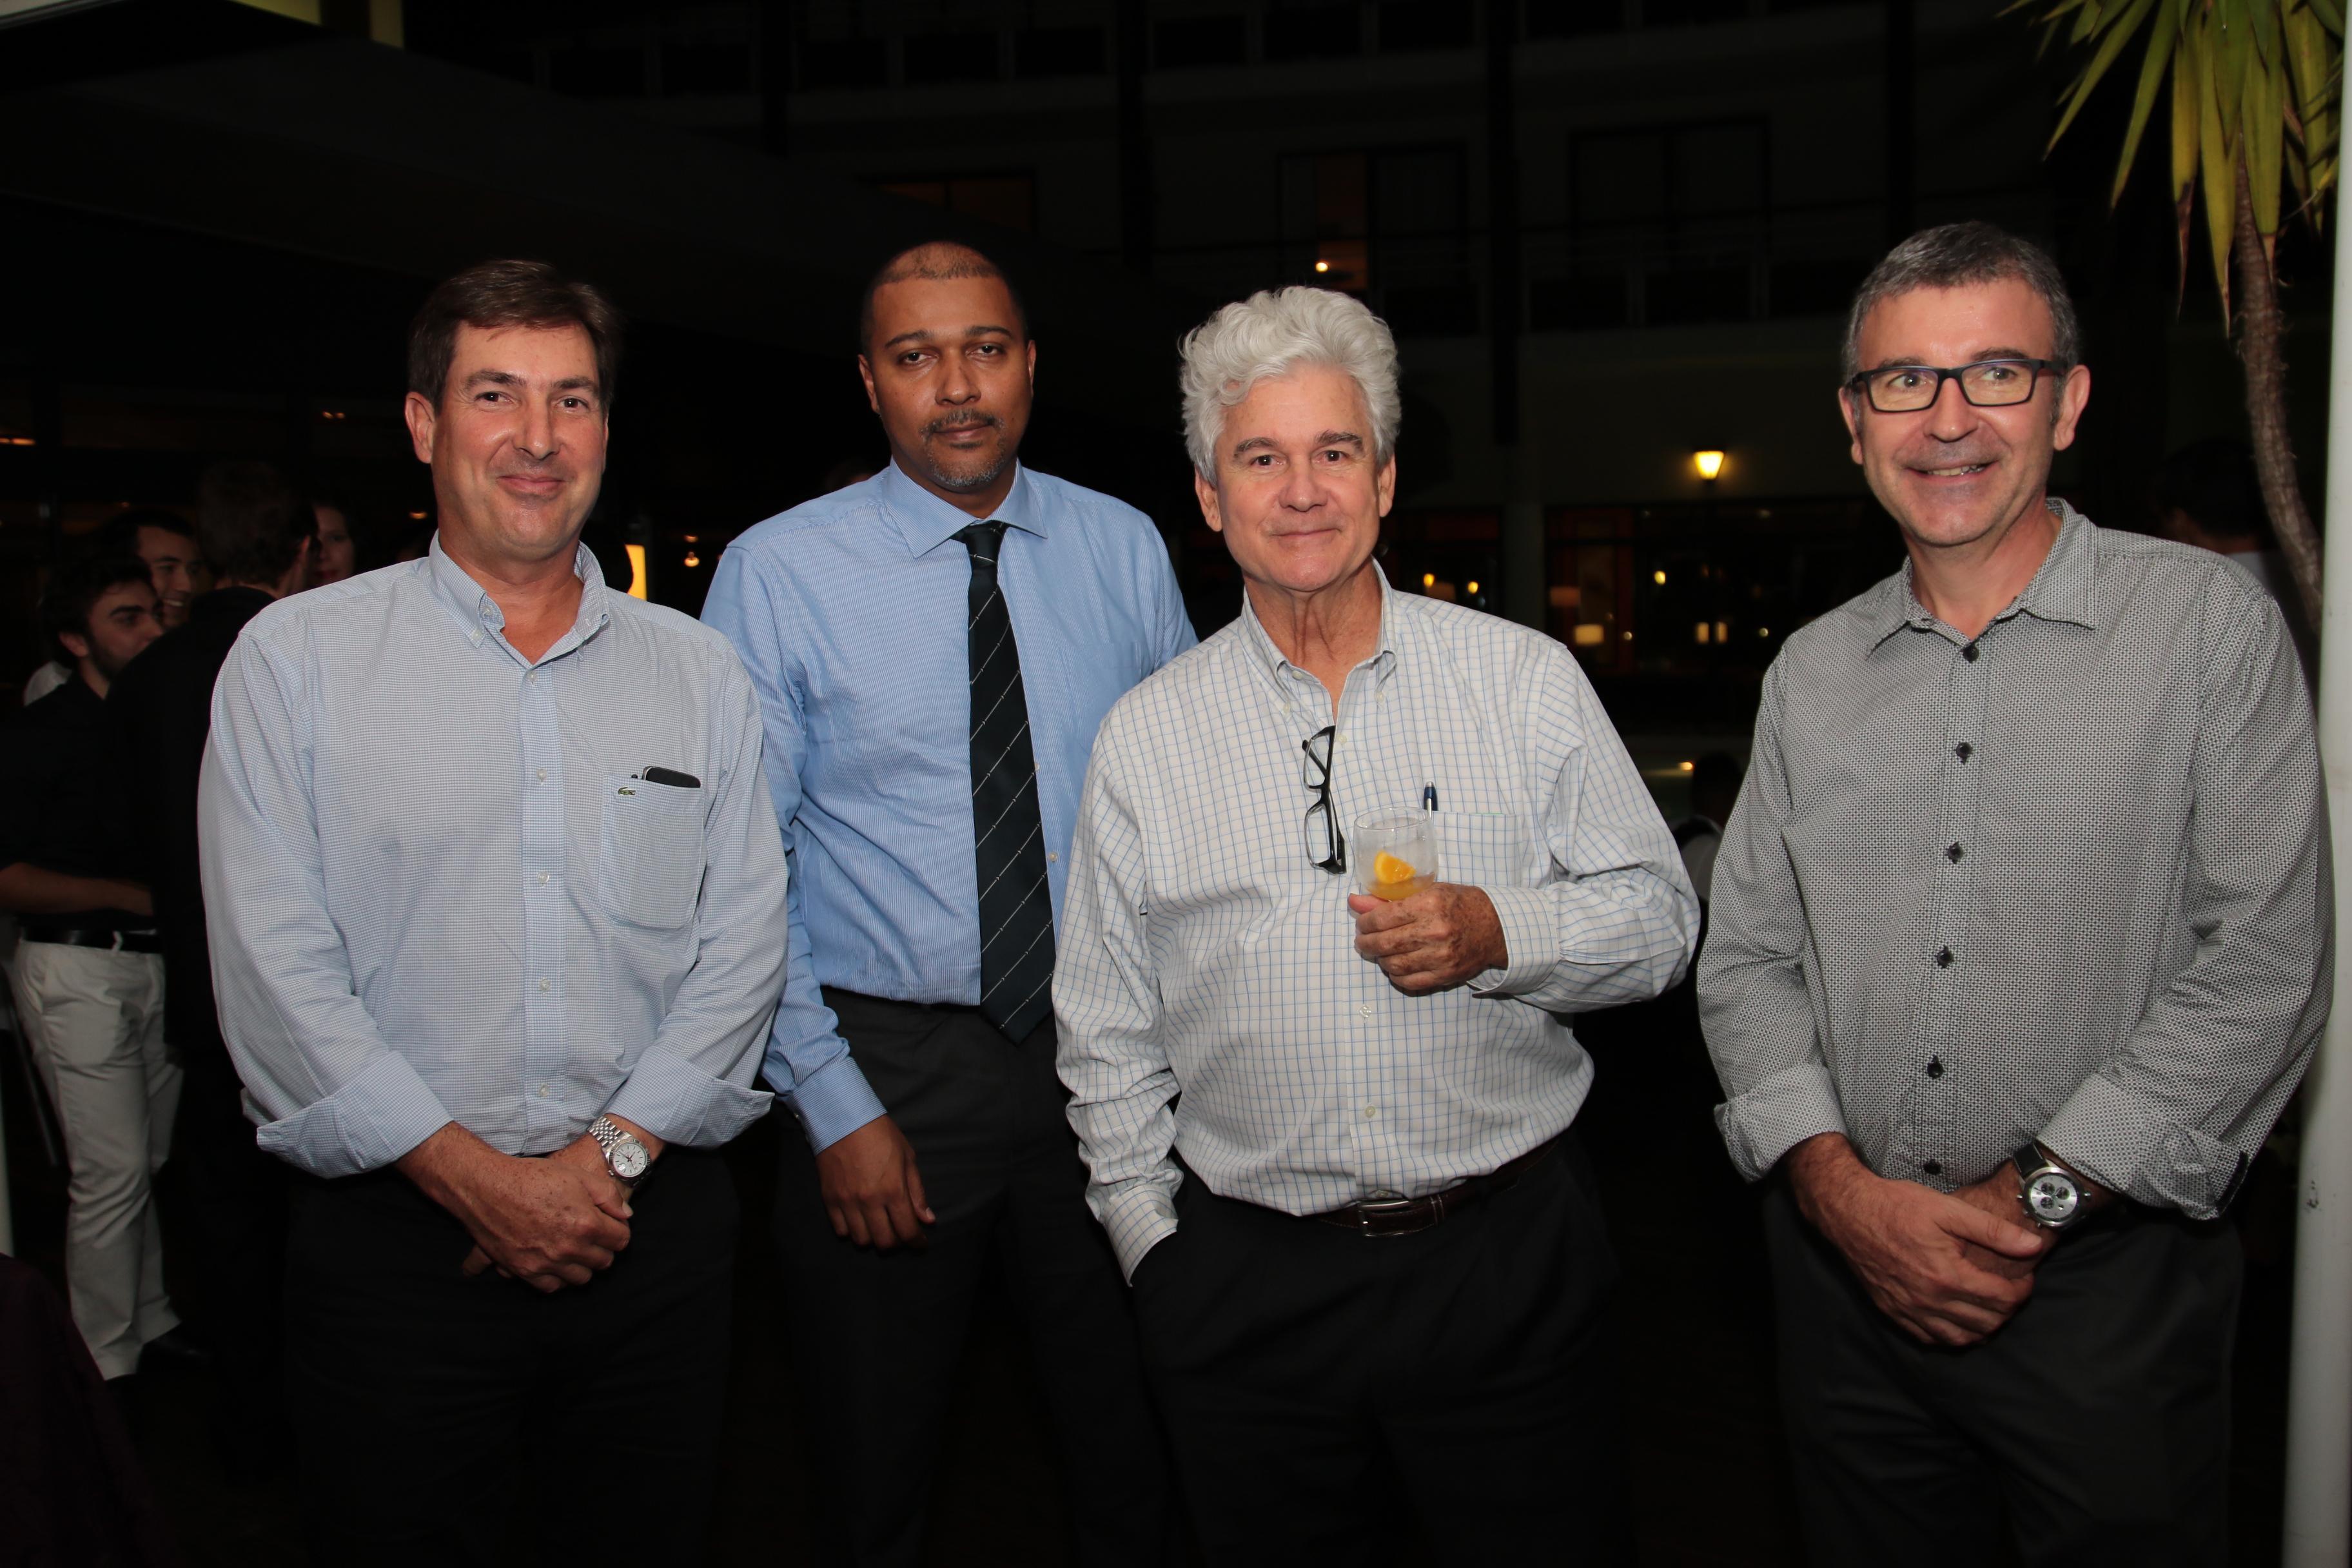 Amaury de Lavigne, directeur général Carrefour Réunion, Frédéric Larroque, directeur Carrefour Saint-Pierre, Jacques de Virginy, et Didier Legendre, Directeur Mercedes chez Cotrans